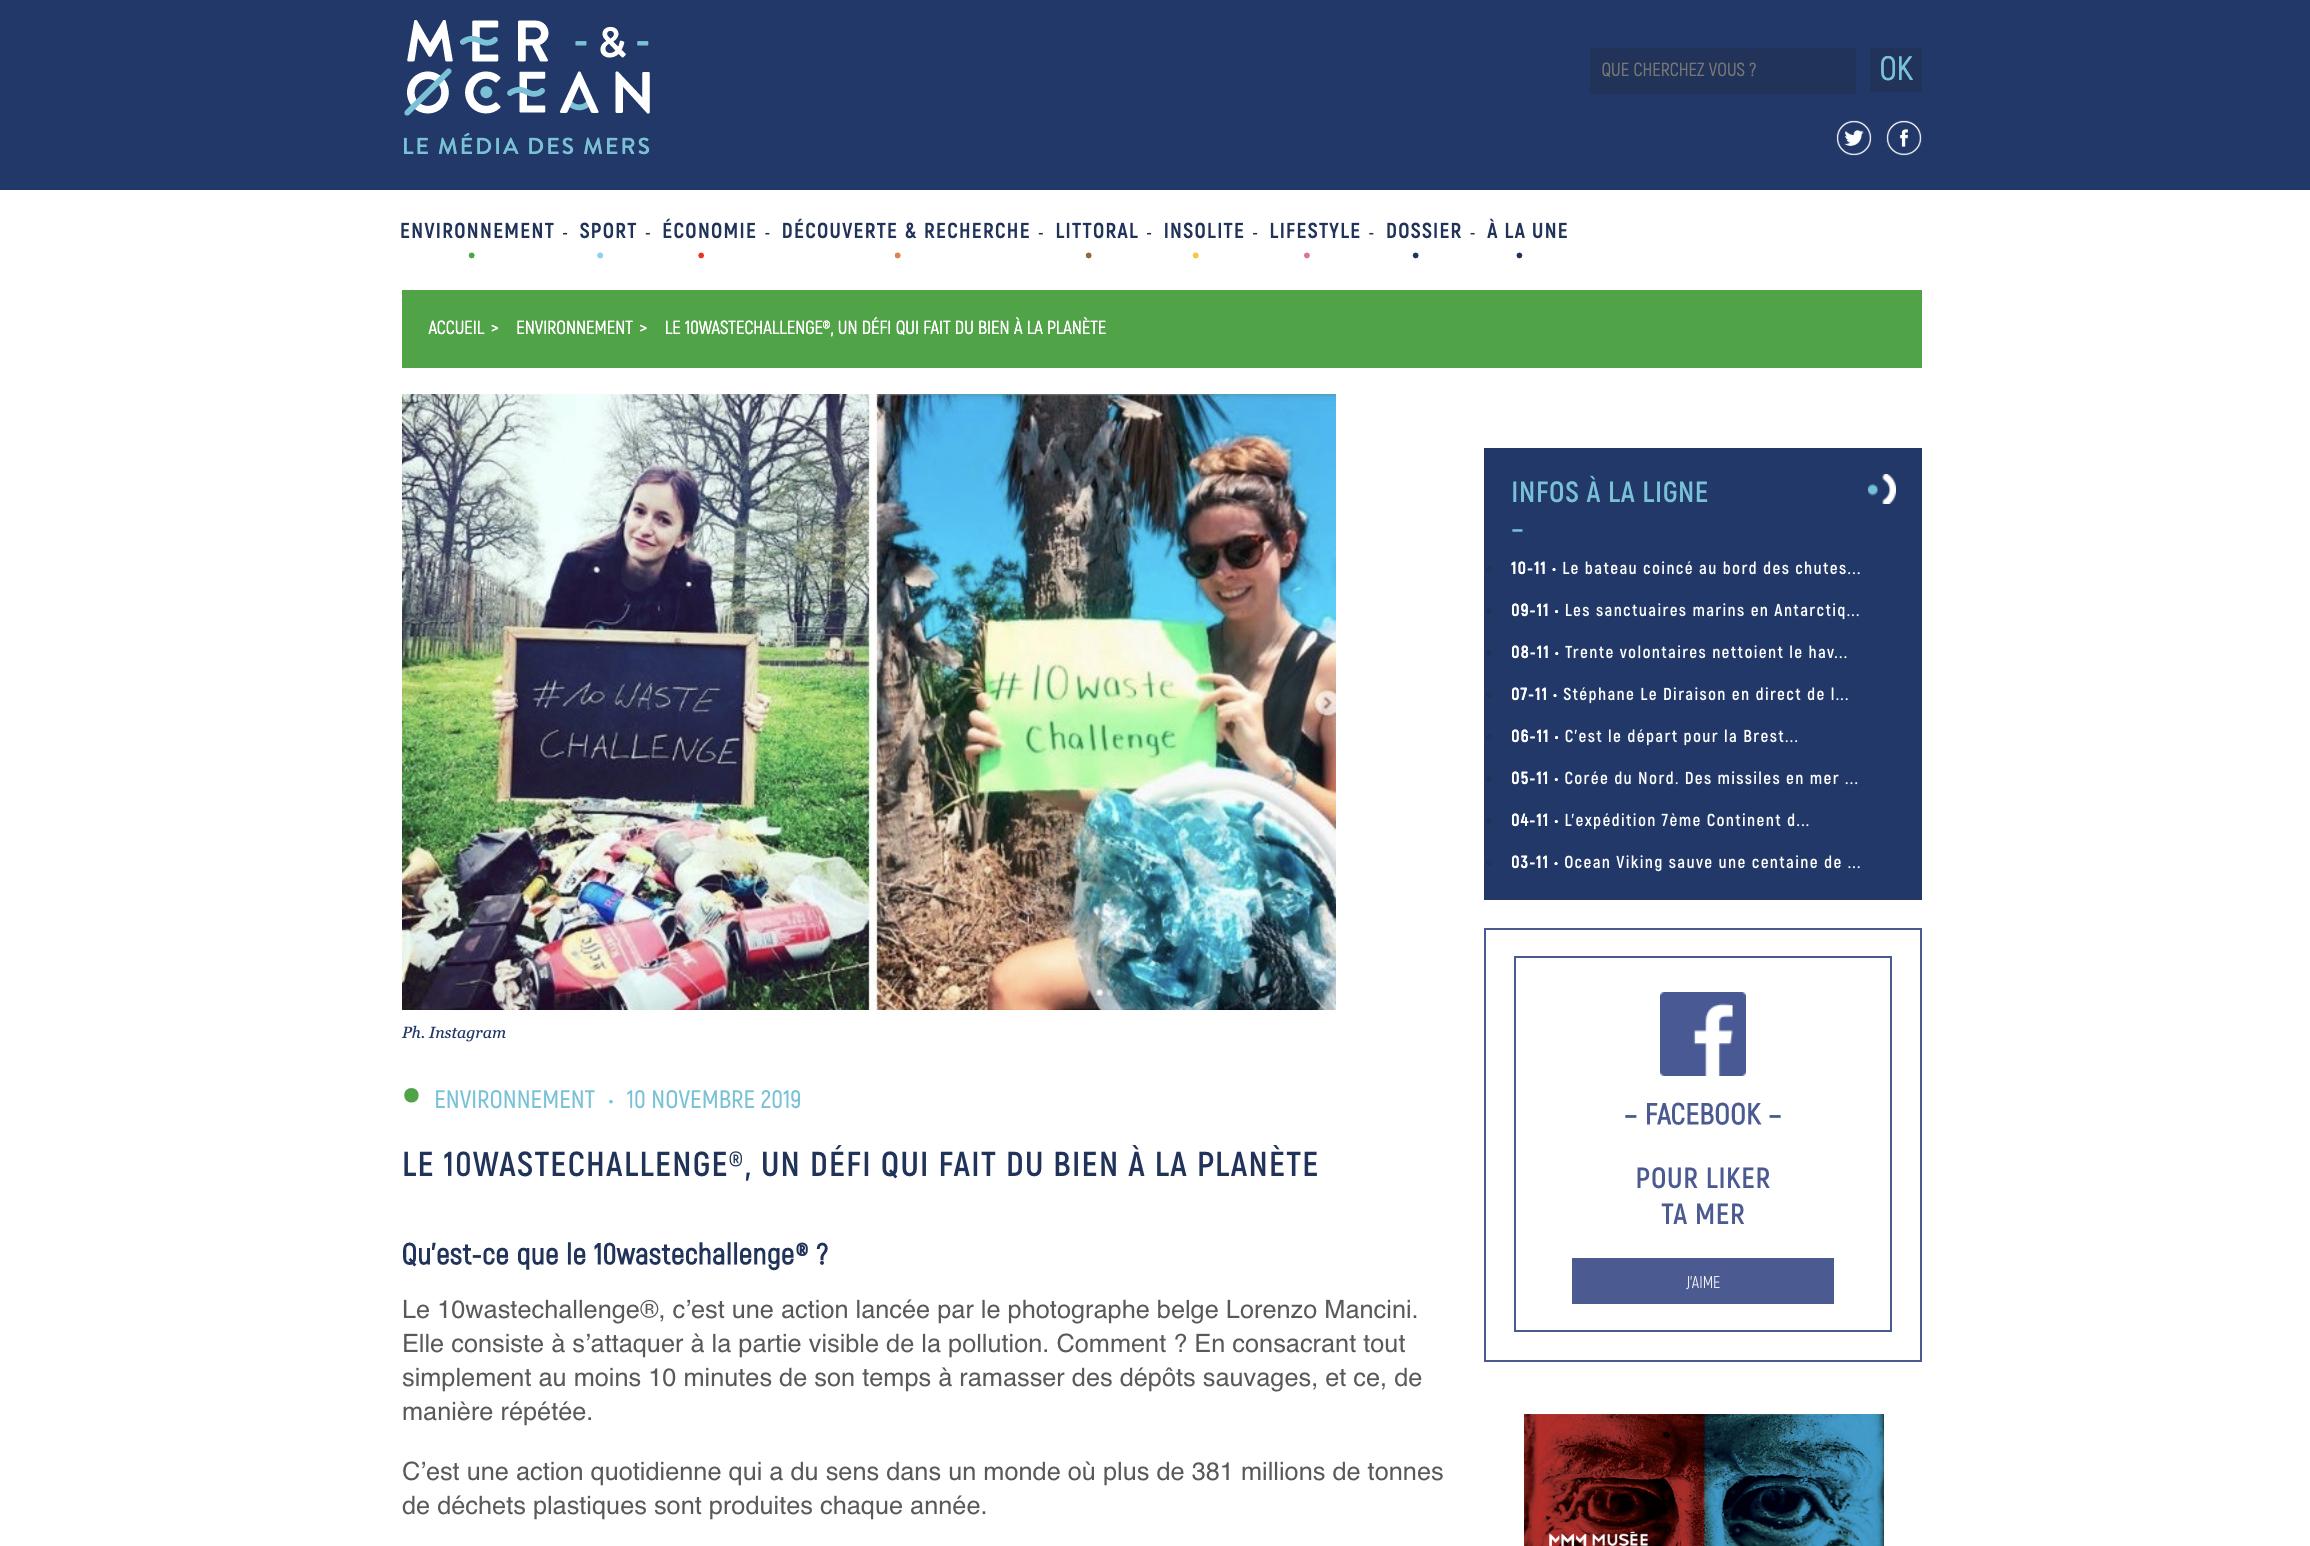 Mer & océan - Le média des mers